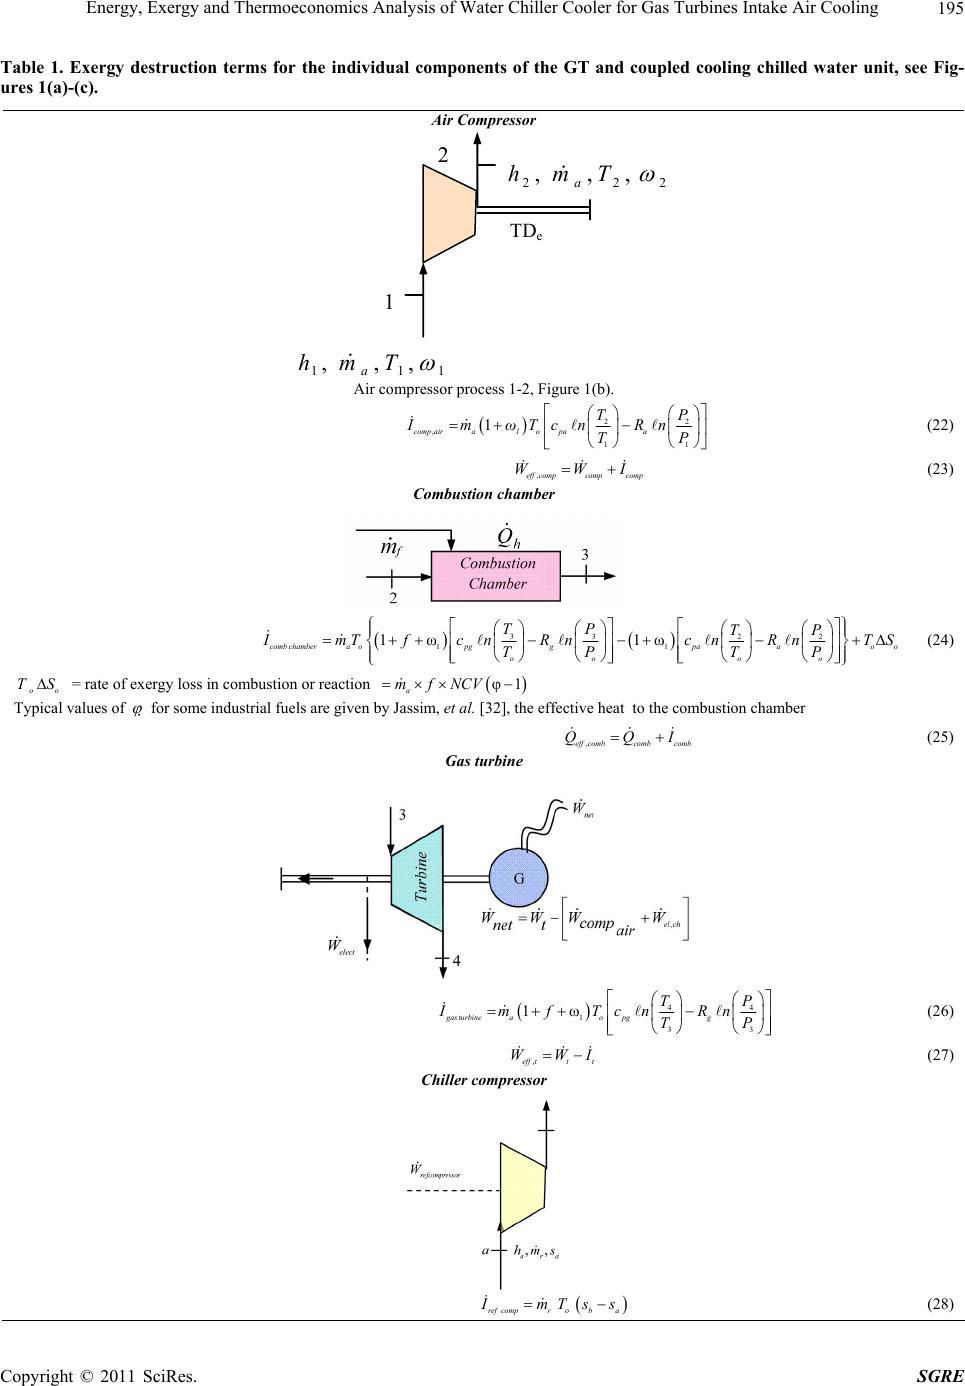 Kau Kan Oil Cooler Wiring Diagram - Wiring Diagram For Light Switch Kau Kan Chiller Wiring Diagrams on